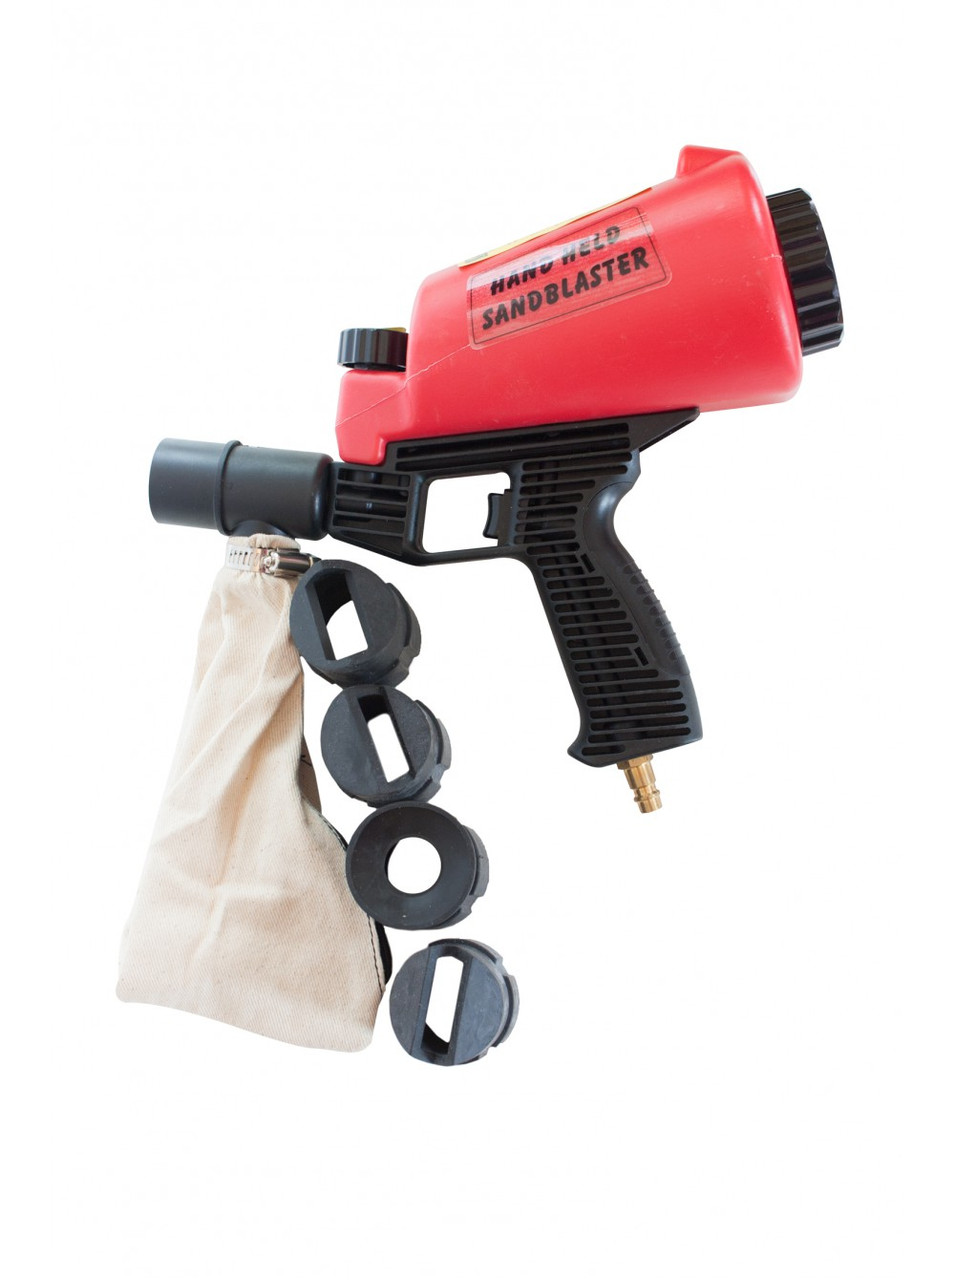 Пескоструйный пистолет Carmax (с мешком для сбора песка). В комплекте 4 резиновых насадки.